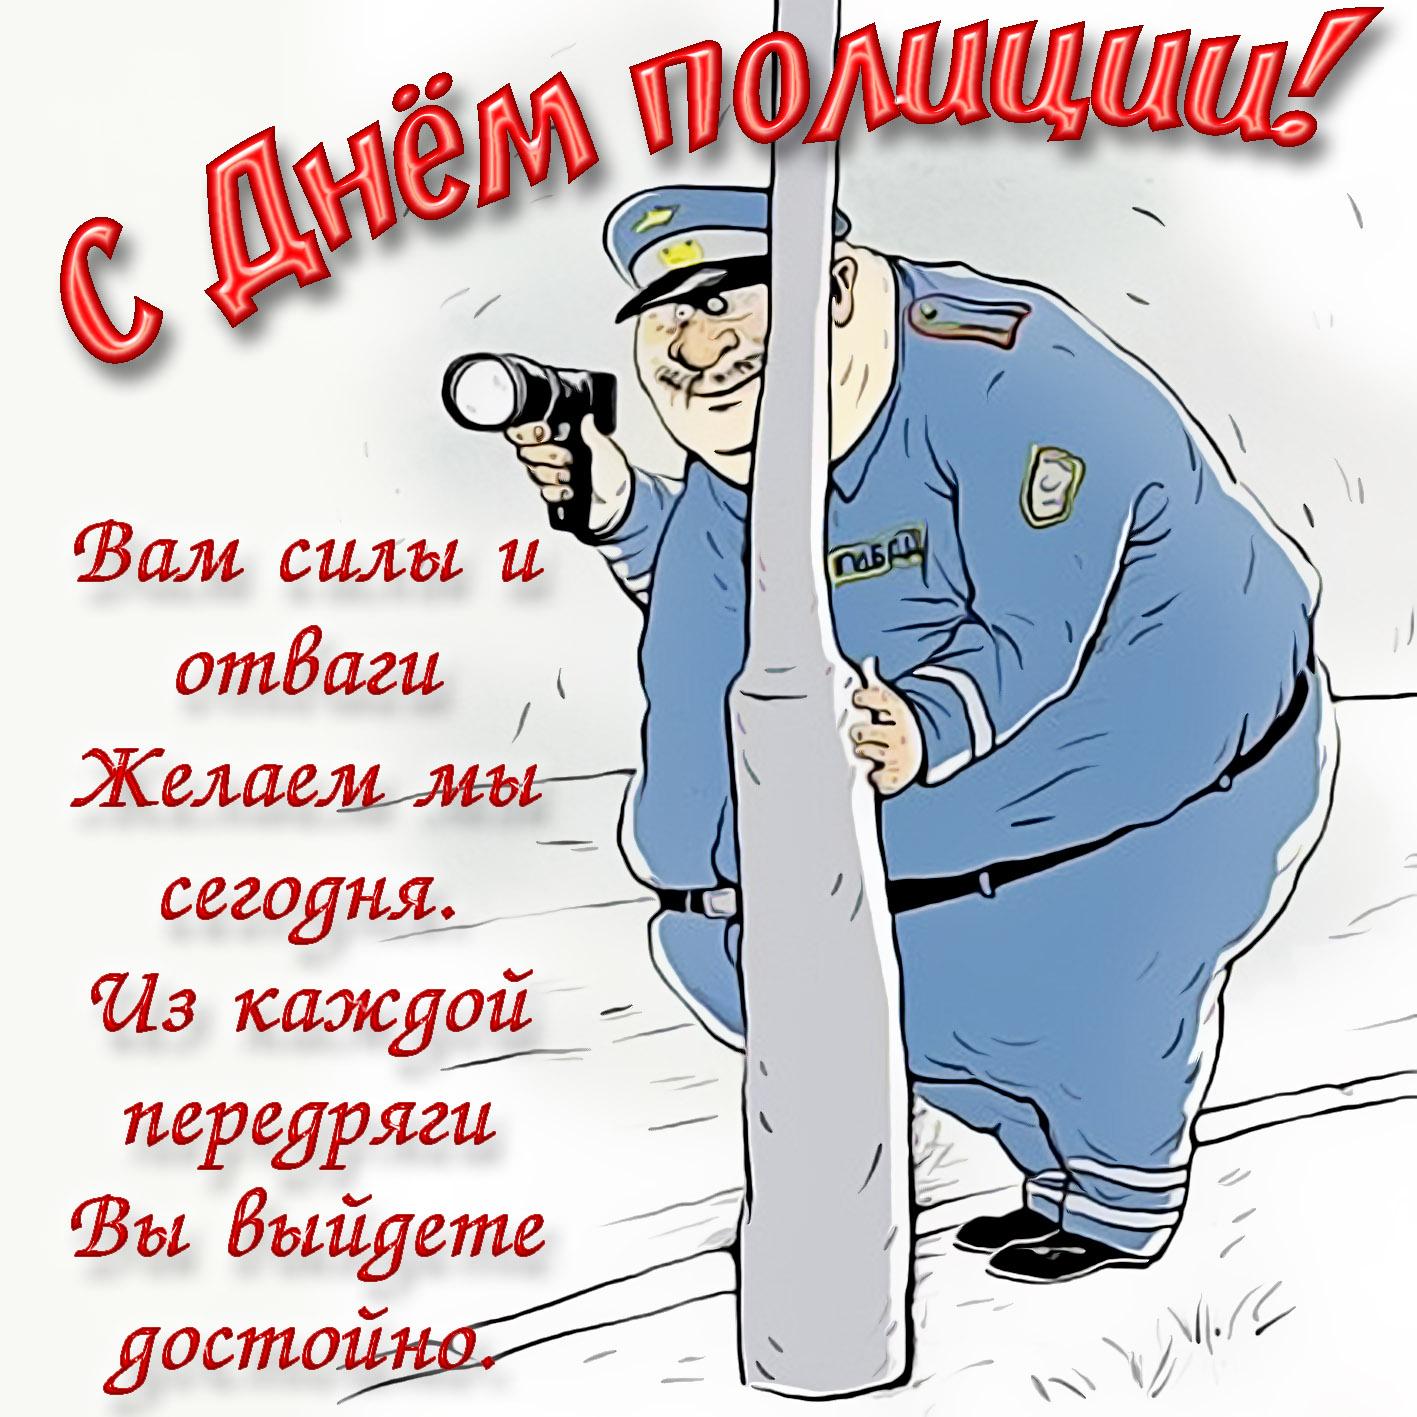 Поздравления ко дню полиции в картинках